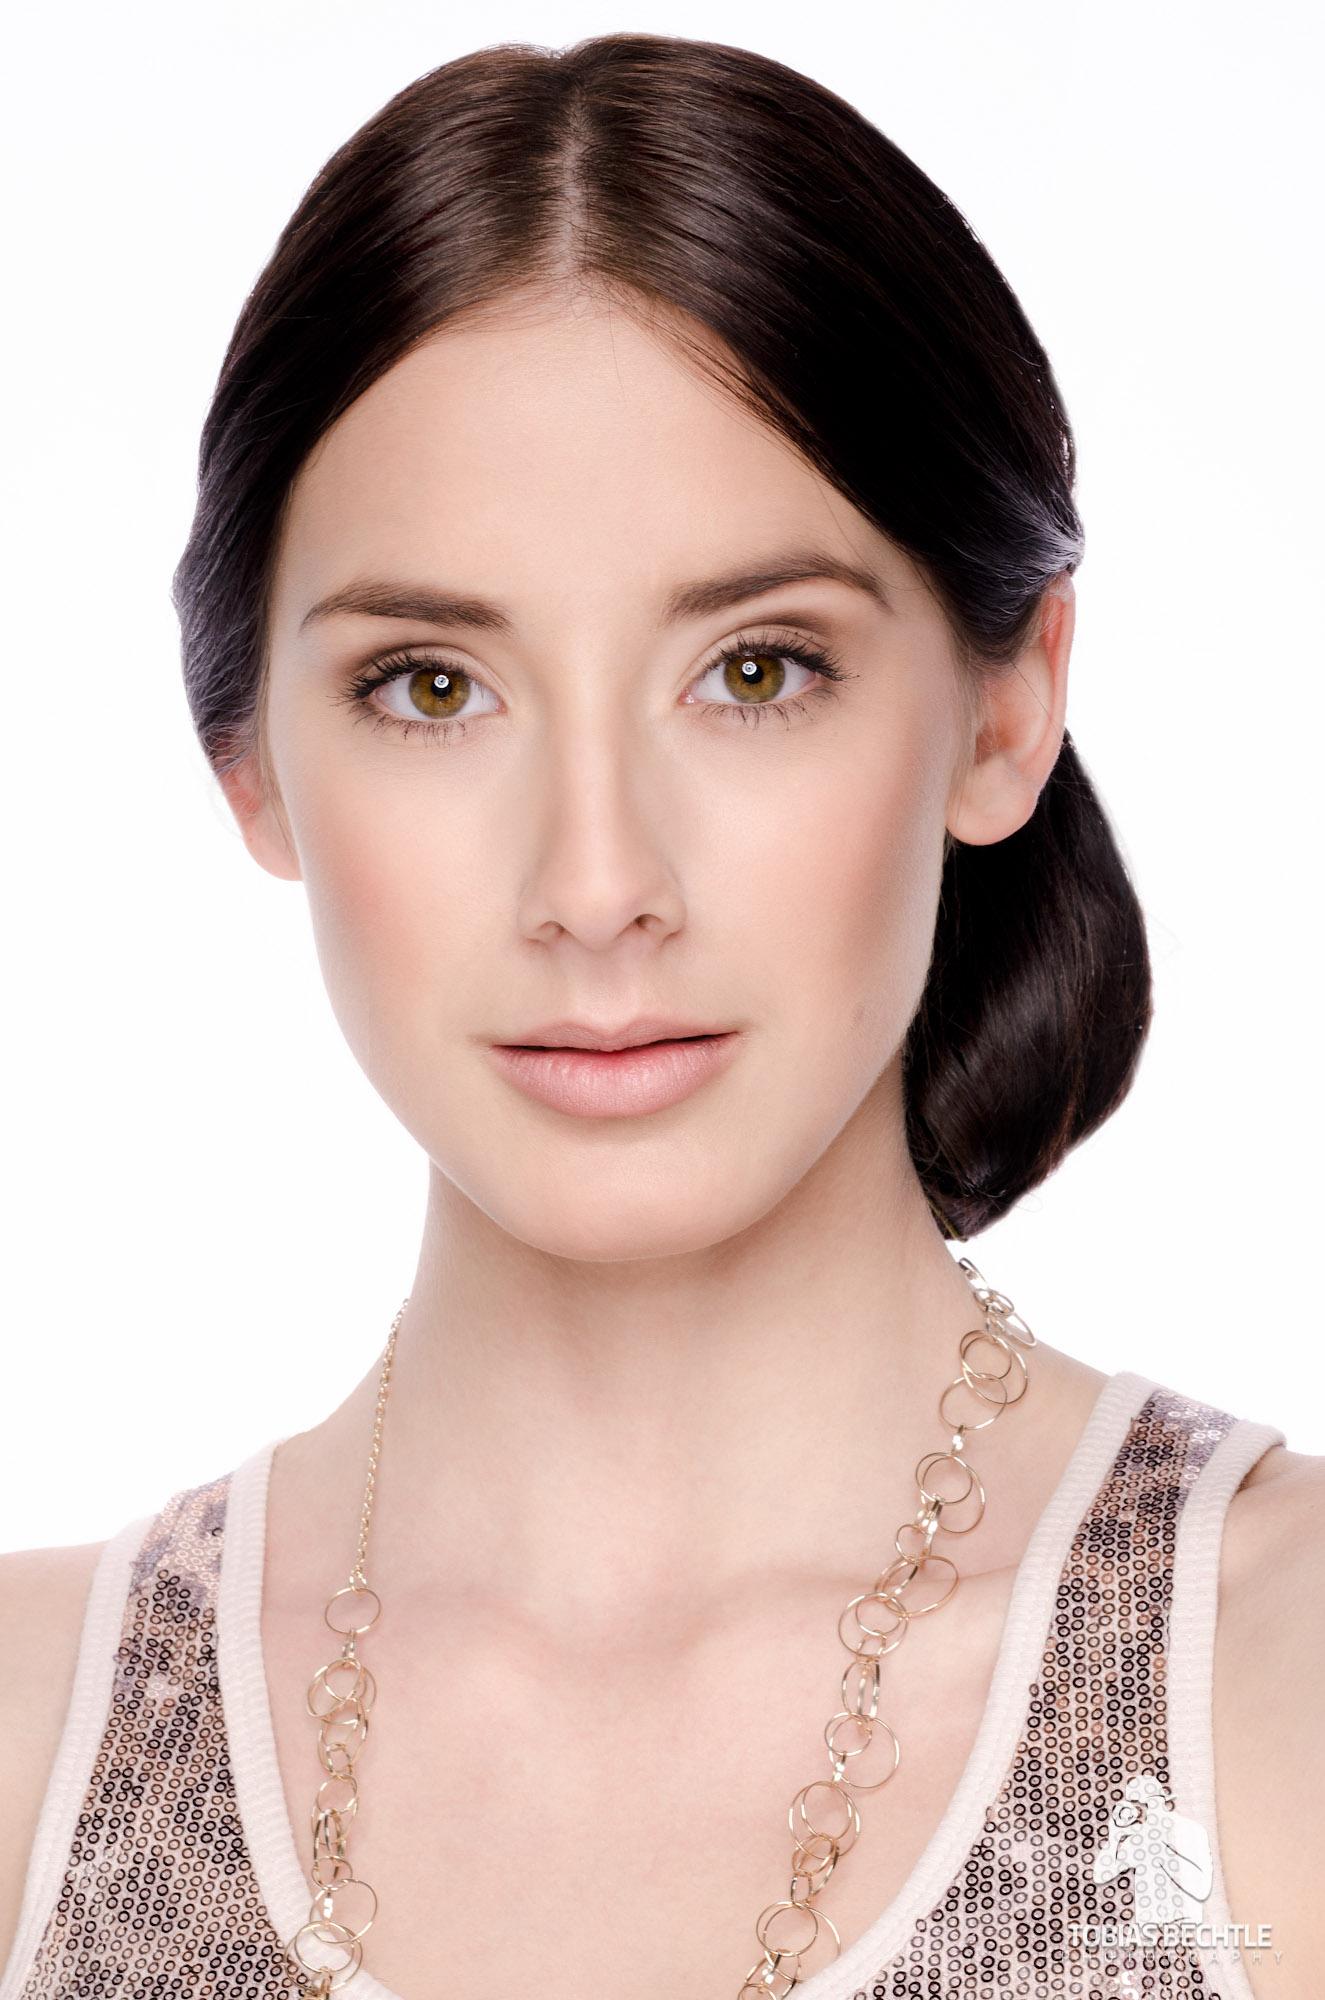 Brenda Beauty Portrait